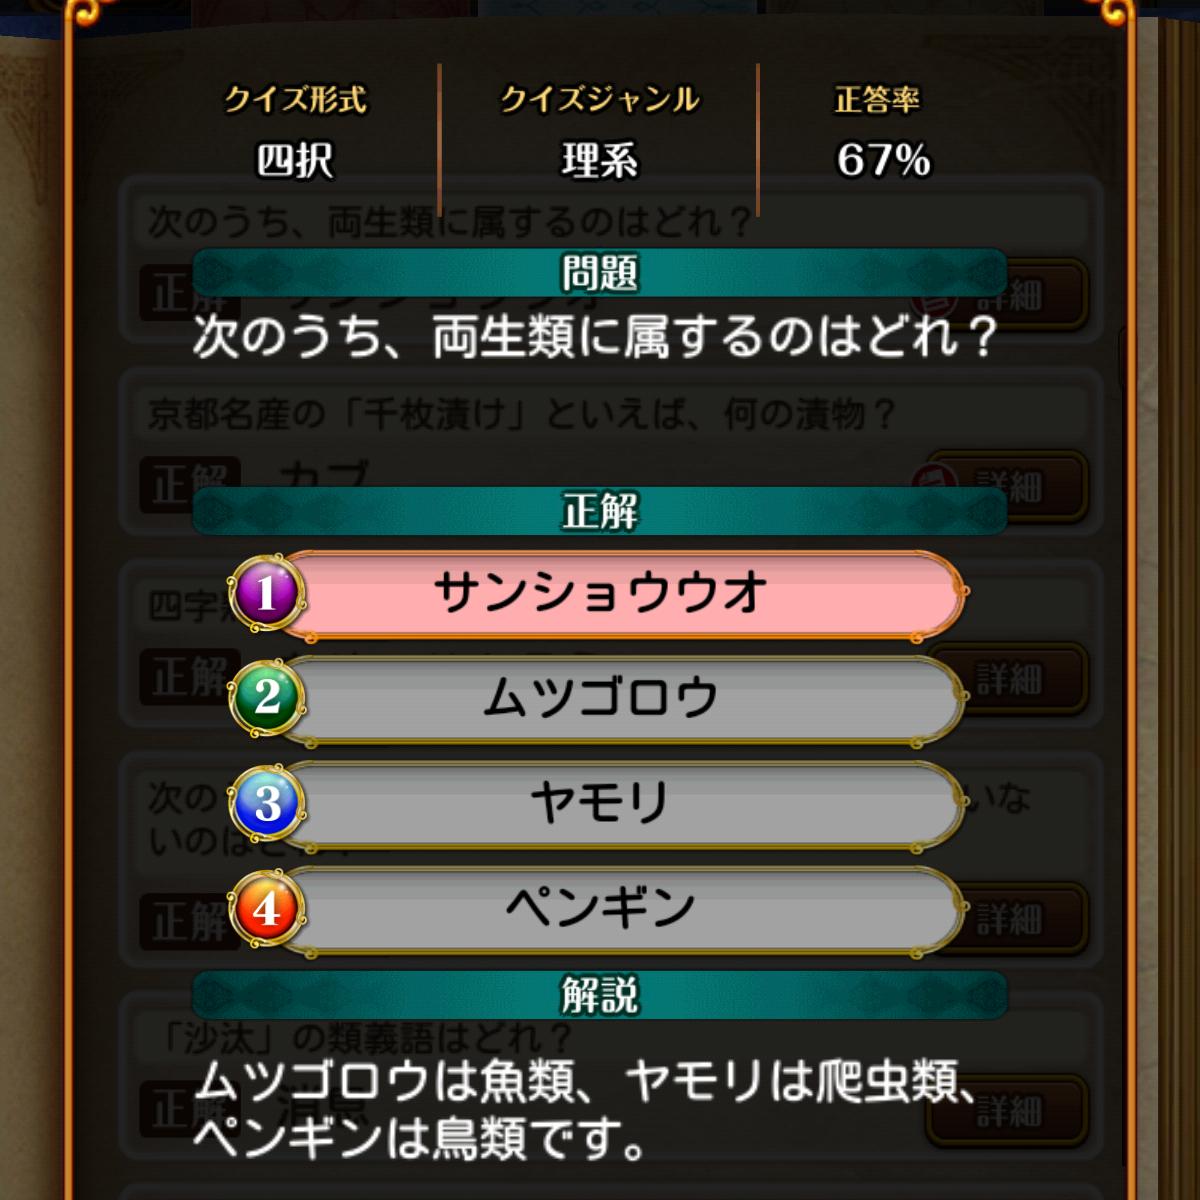 f:id:Tairax:20210716220325p:plain